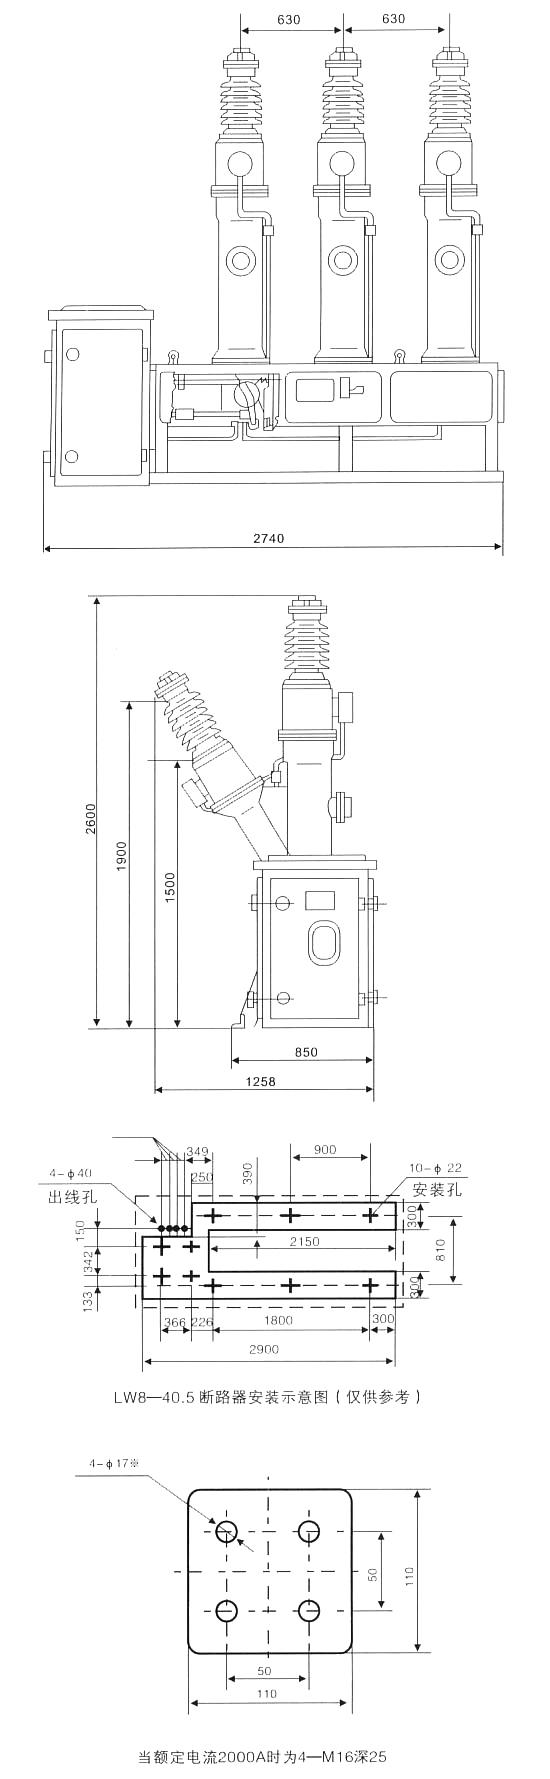 六线闭锁器电路图